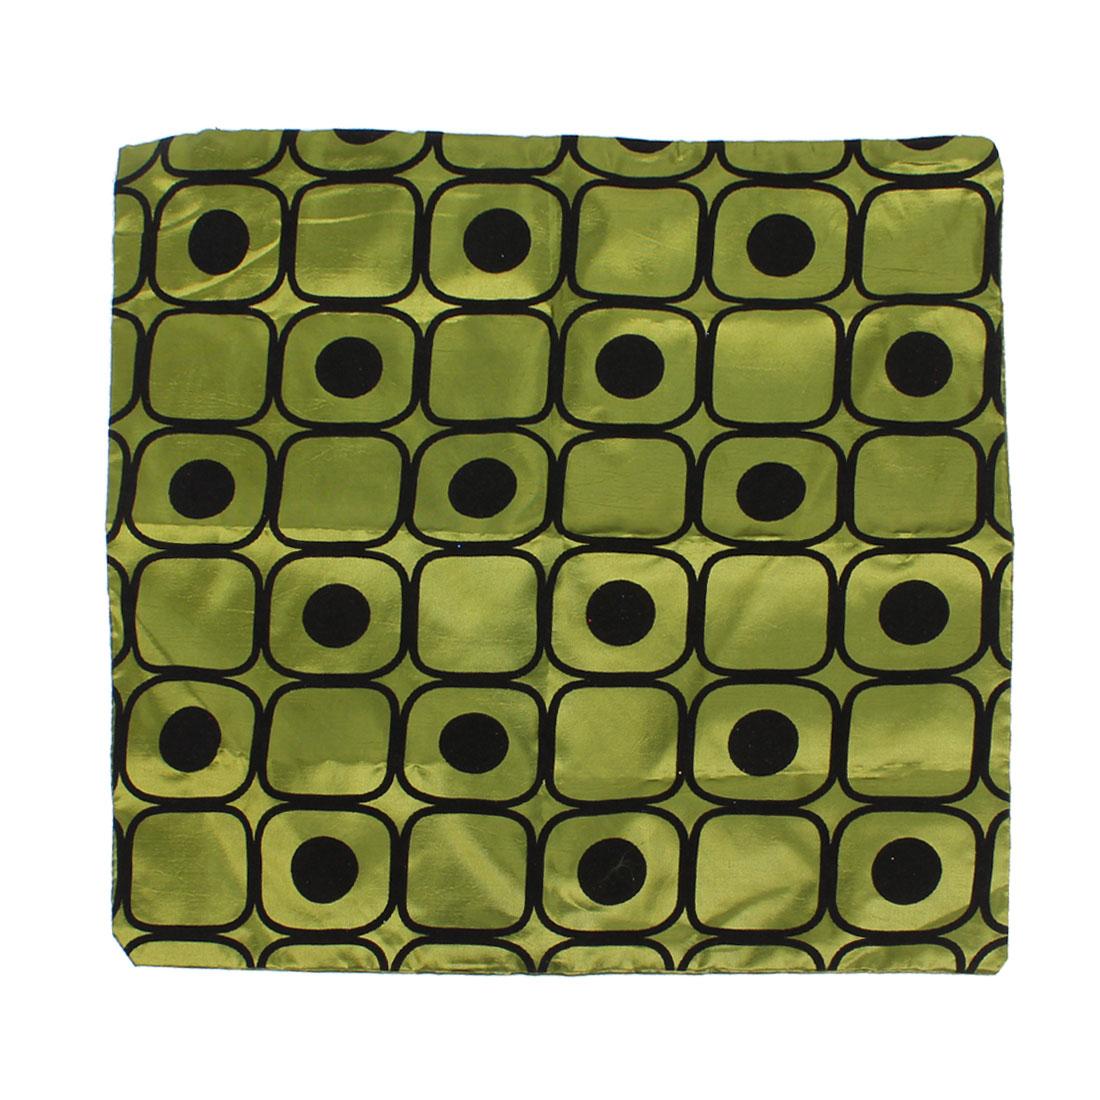 Zipper Closure Black Olive Green Flannel Nylon Pillow Cover